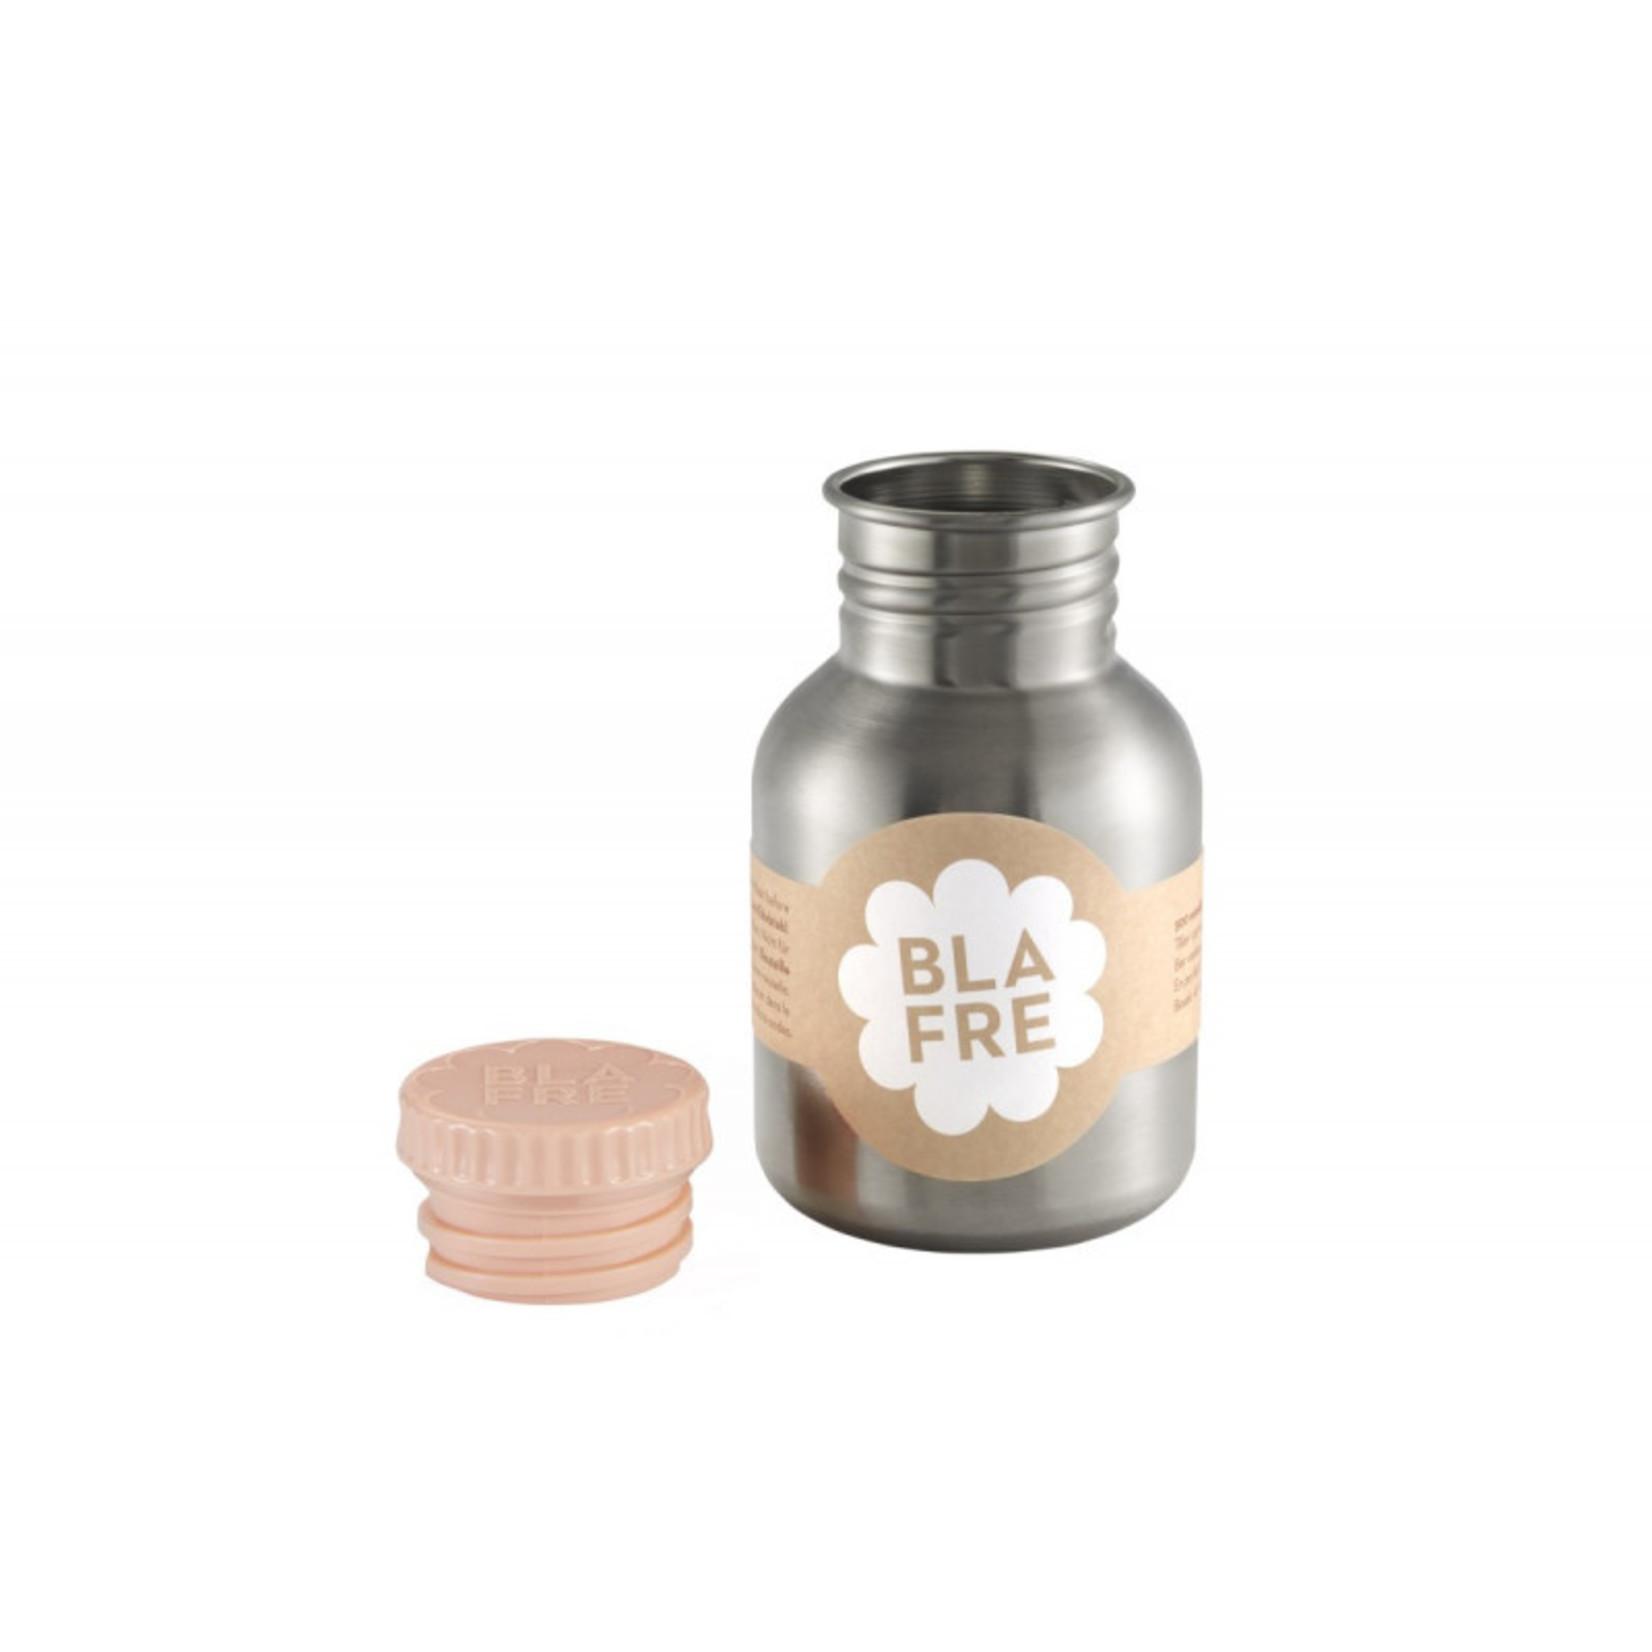 BLAFRE Edelstahltrinkflasche für Kinder von Blafre in peach